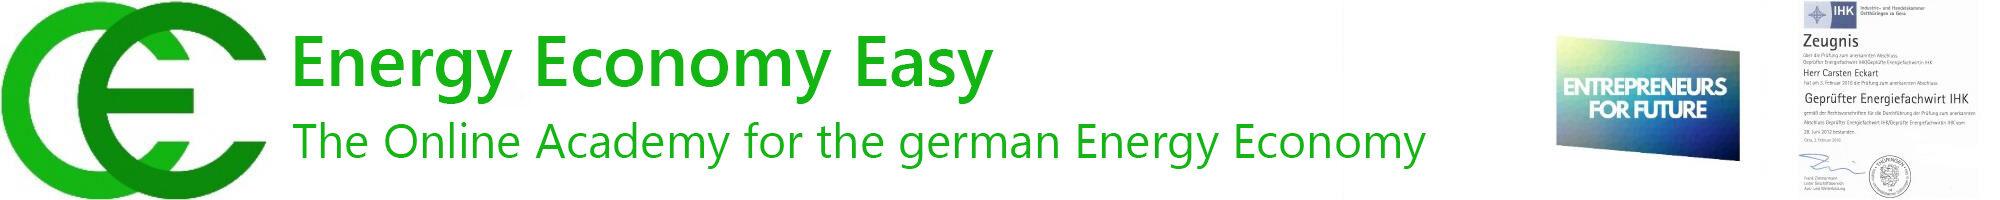 Energy Economy Easy